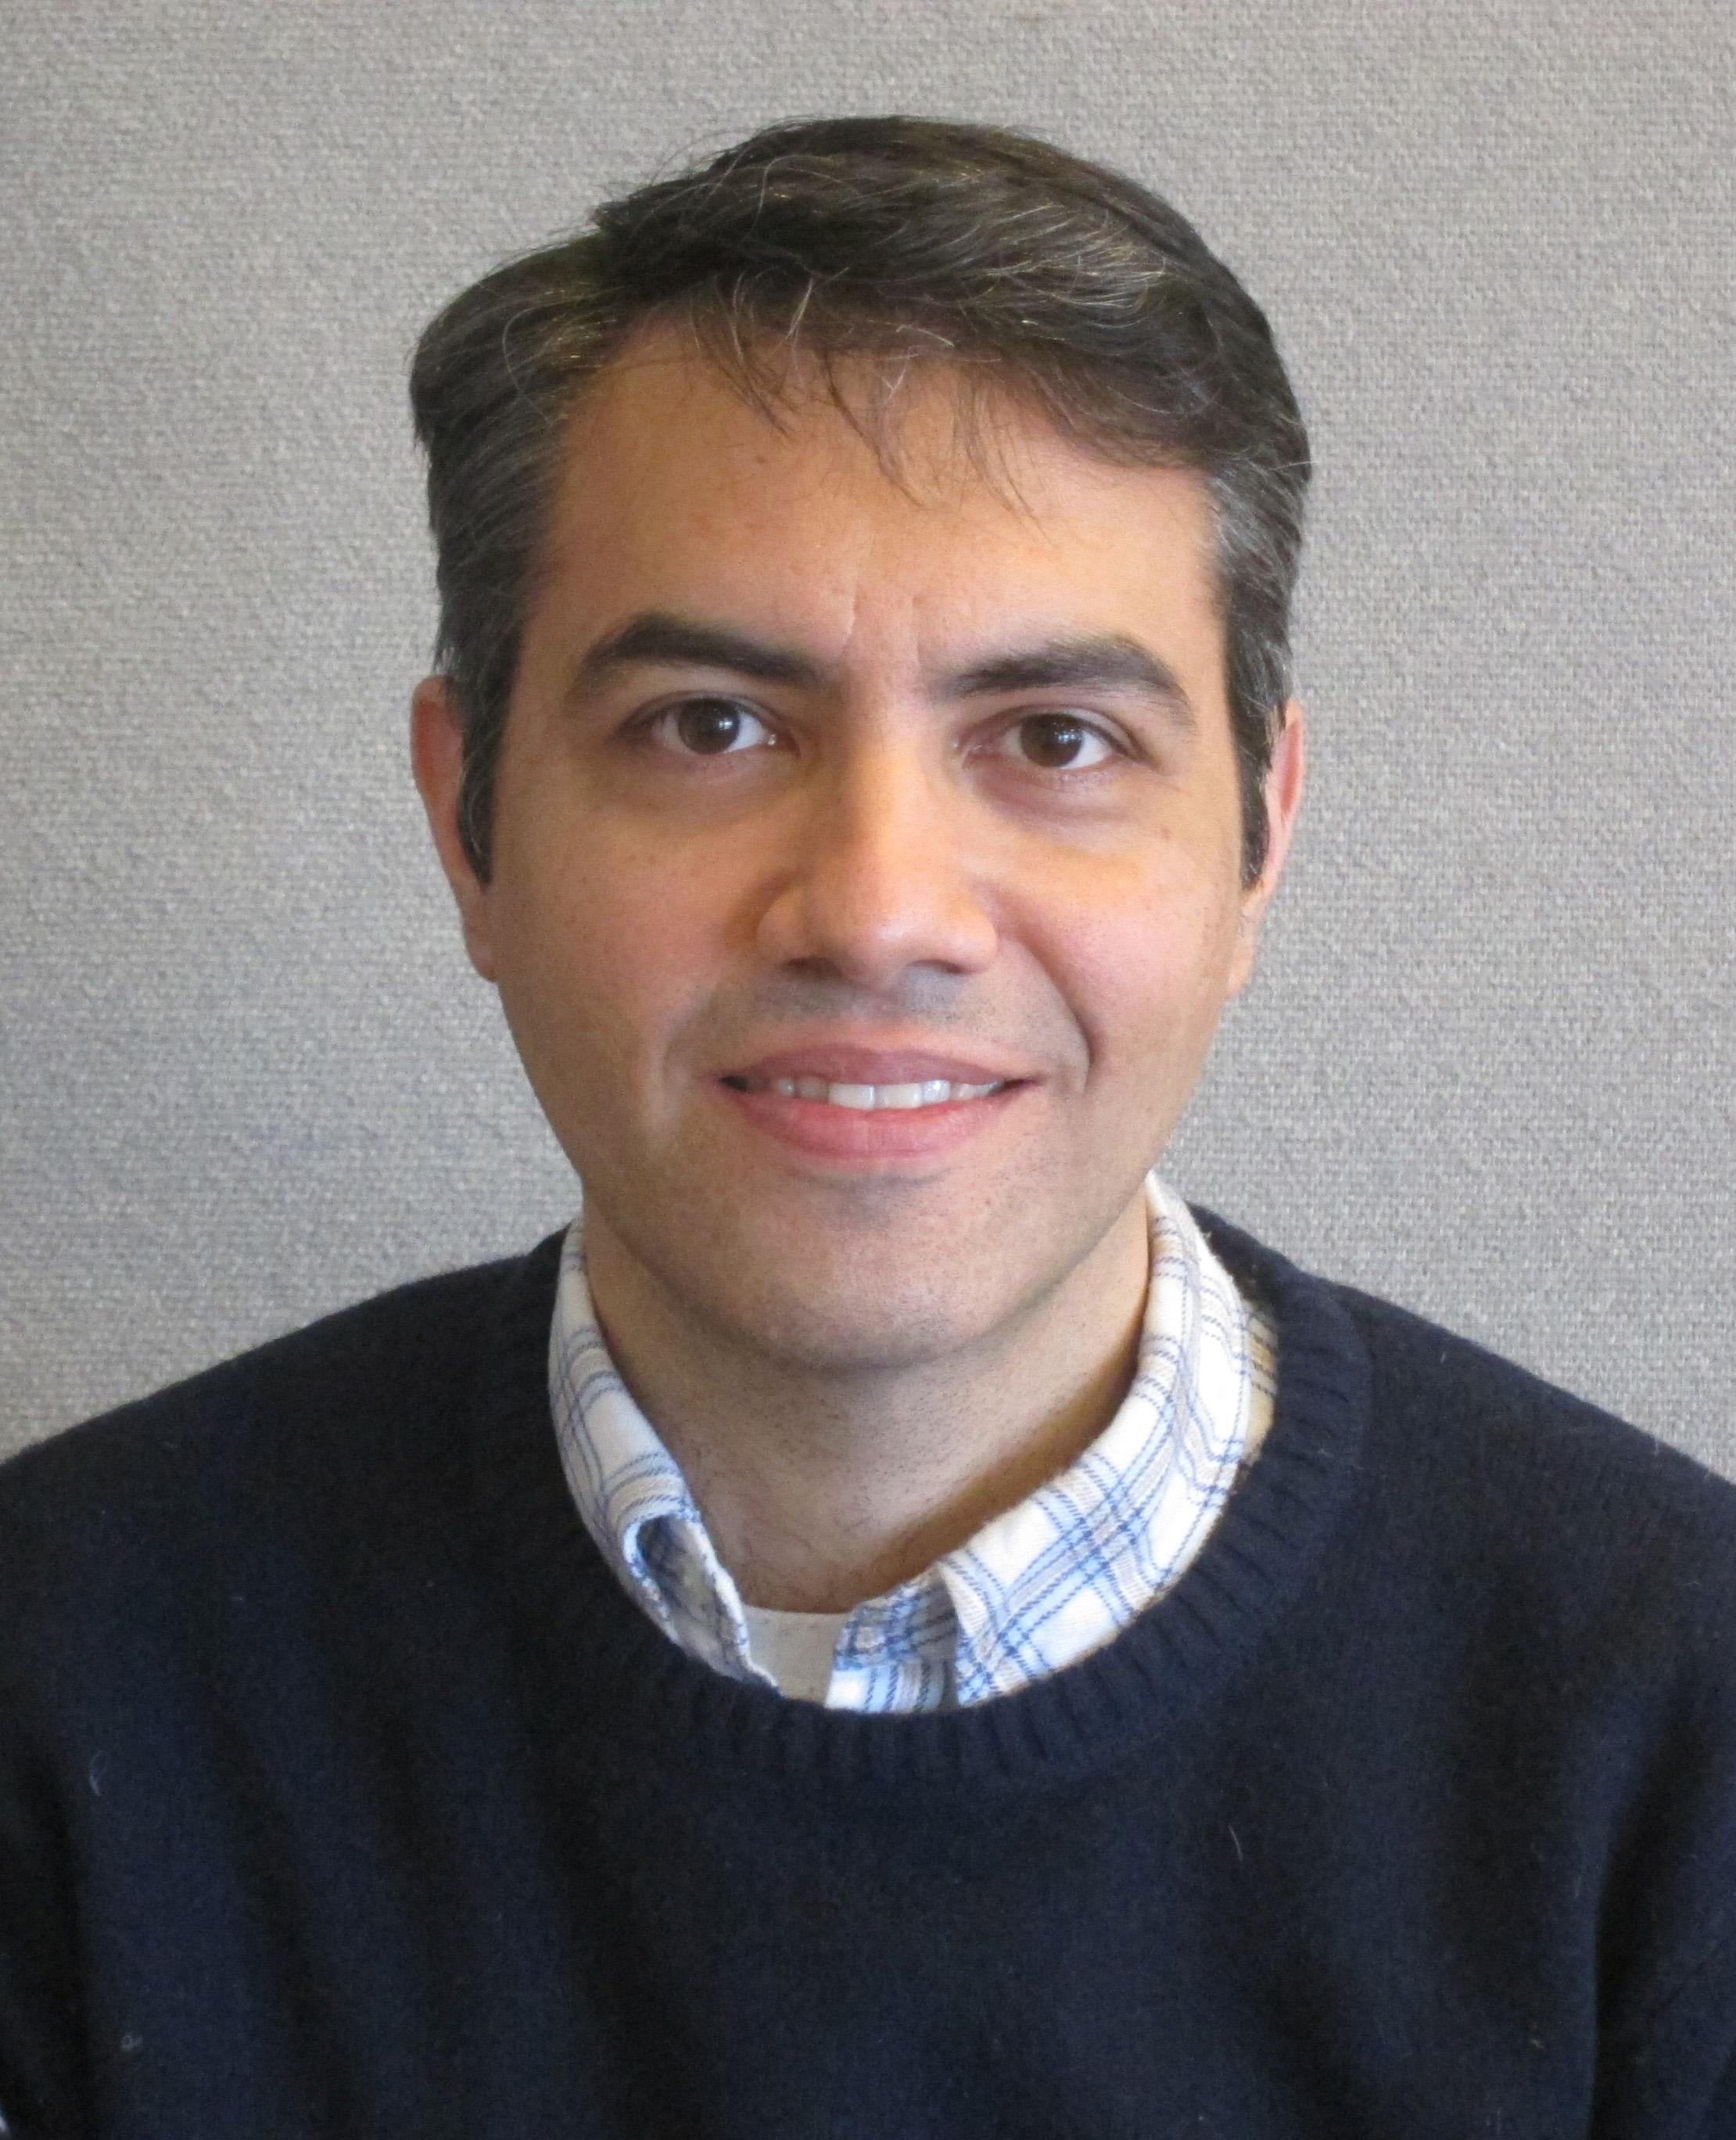 Amir Modarresi